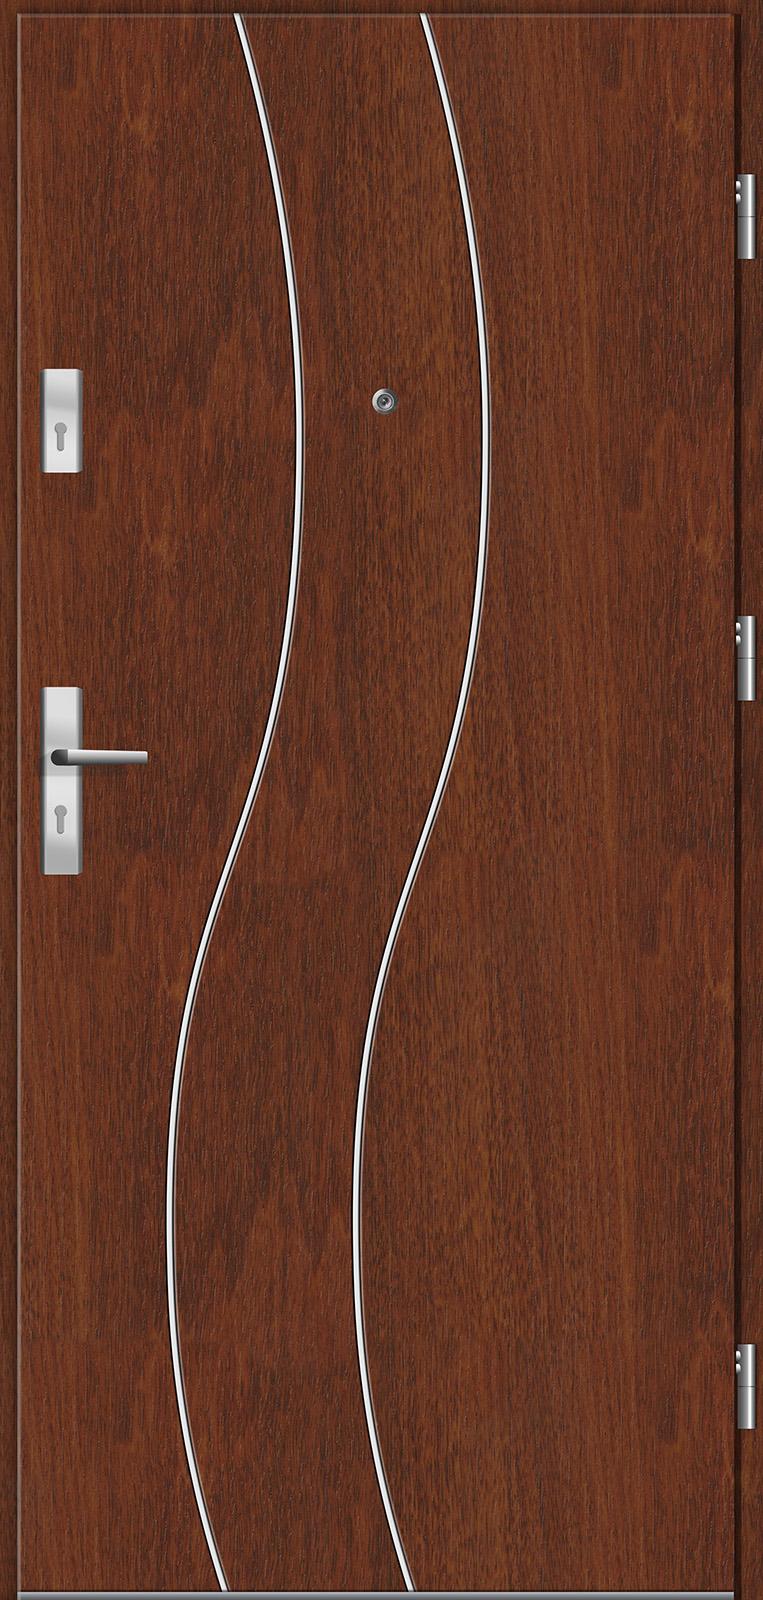 Drzwi wewnętrzne do mieszkań Otium 4 kasztan